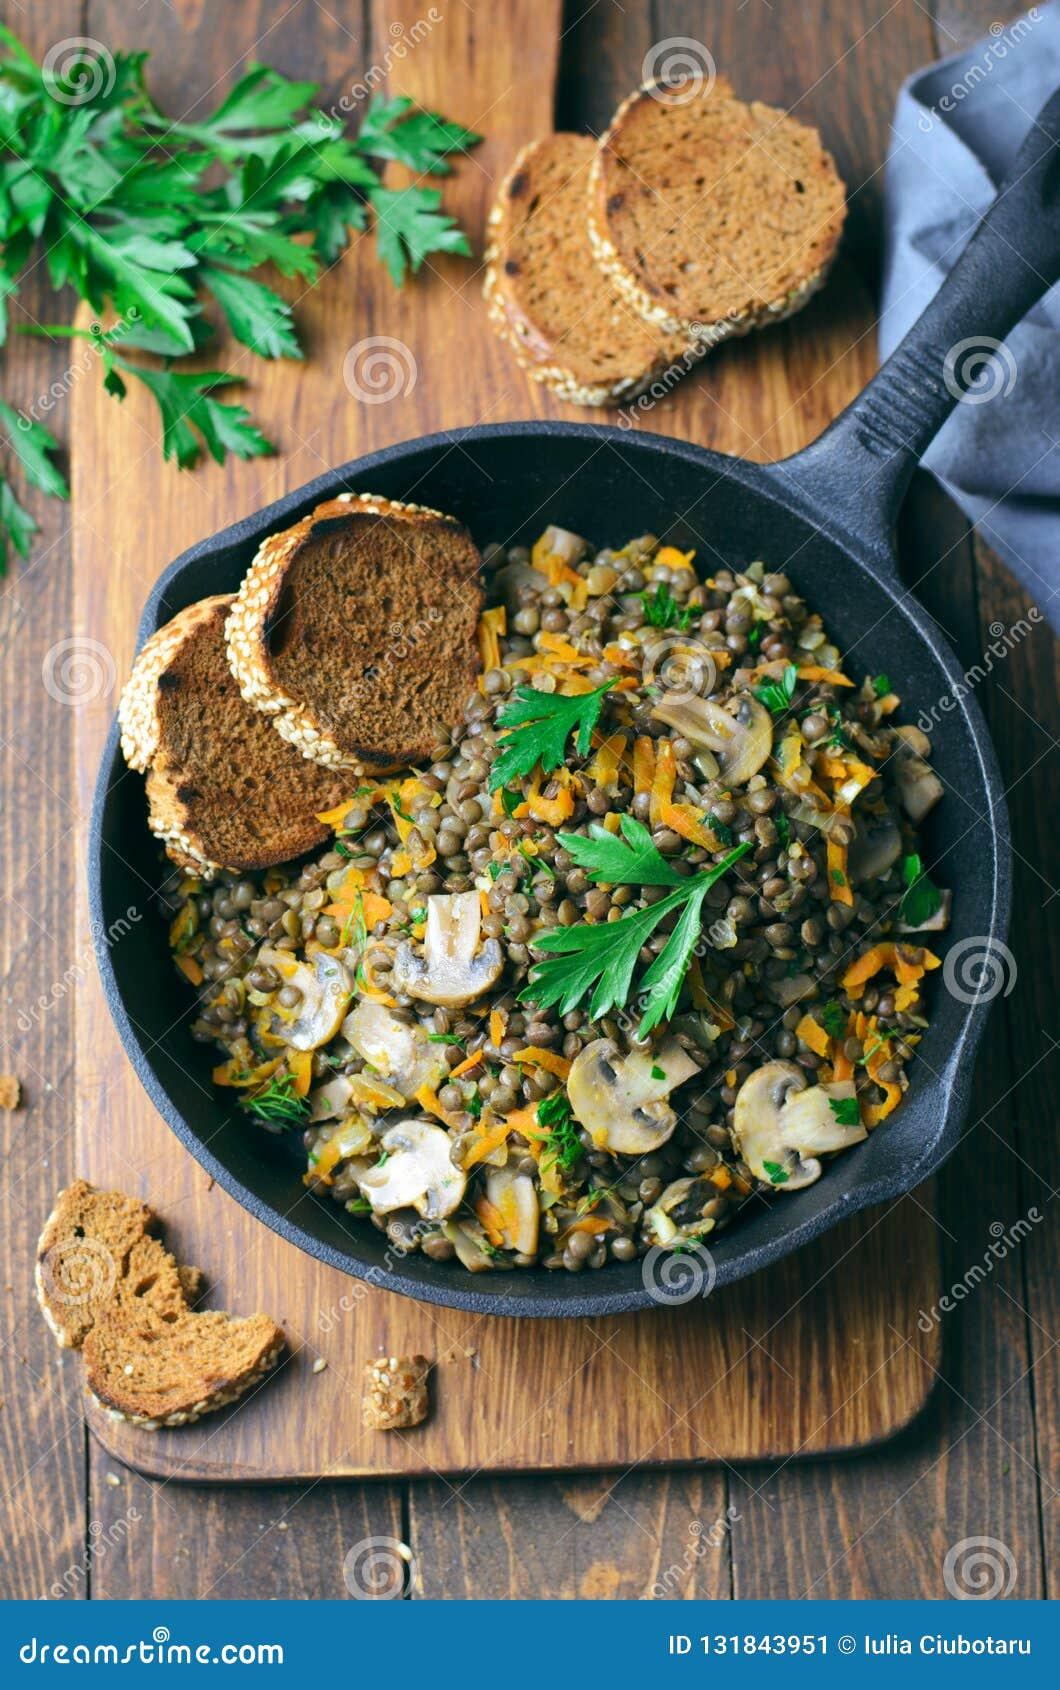 Soczewicy z pieczarkami, marchewką i ziele w rynience, Zdrowy Jarski jedzenie